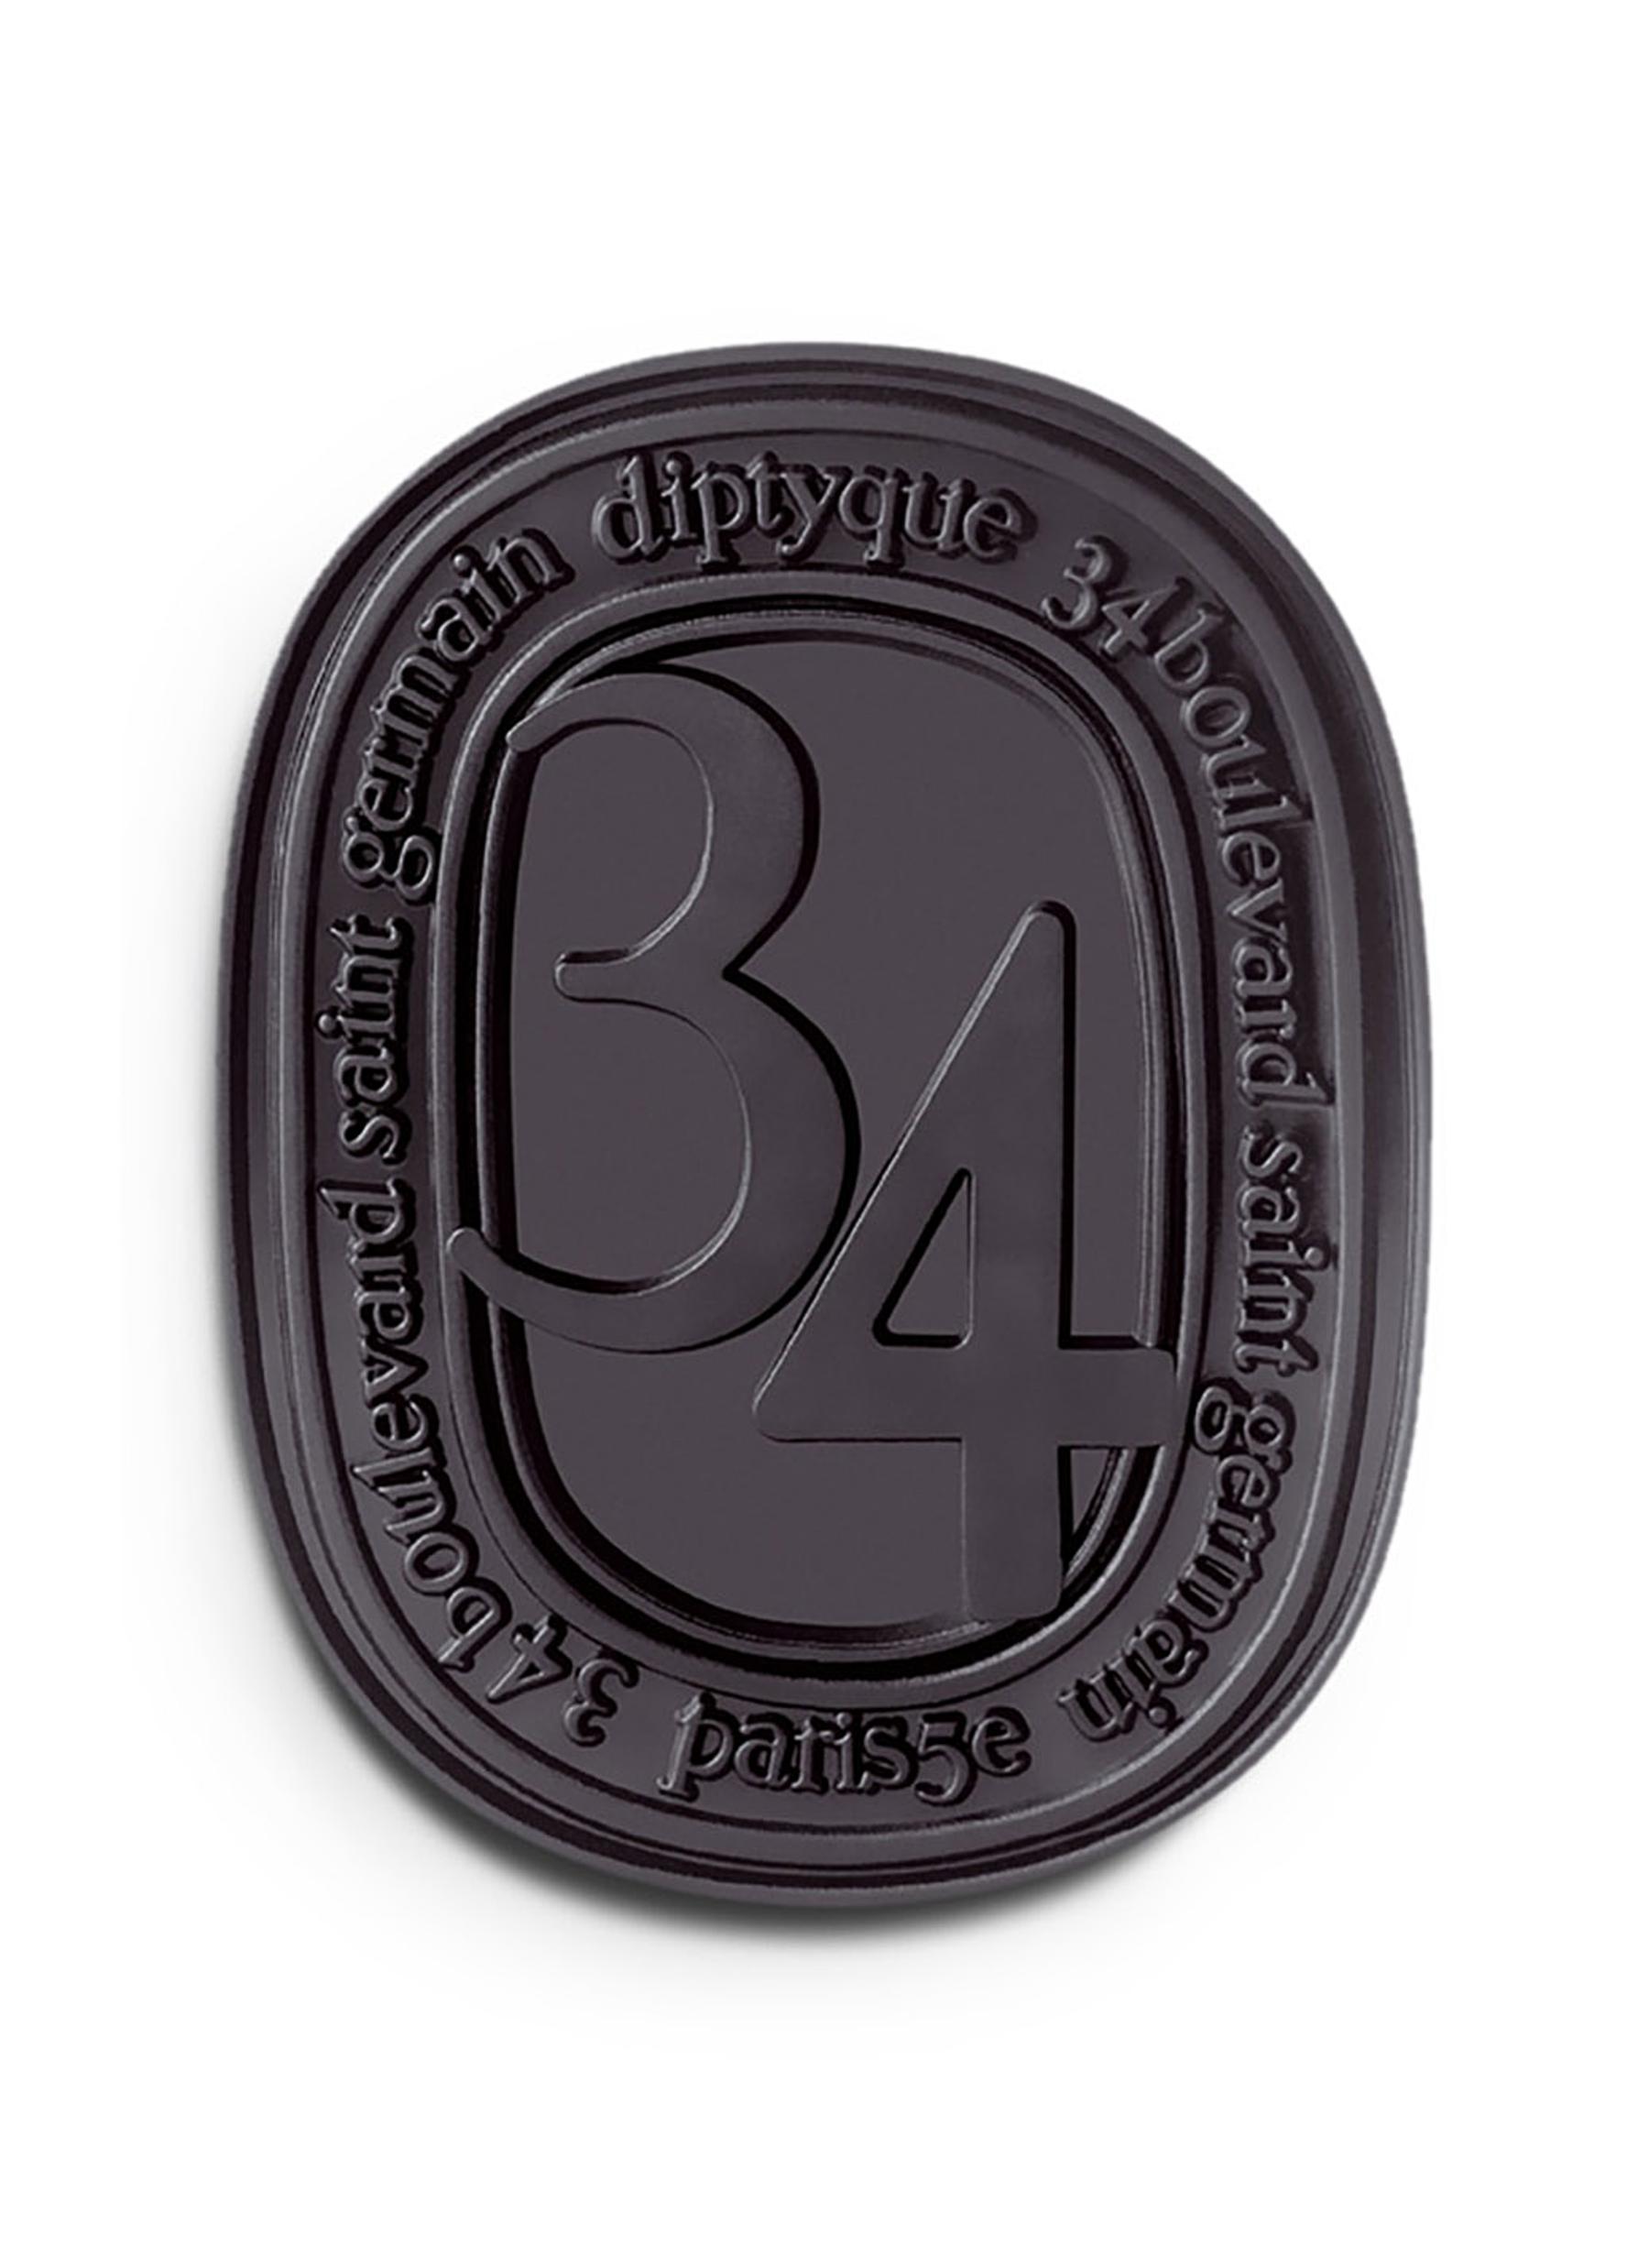 34 boulevard saint germain solid perfume by diptyque